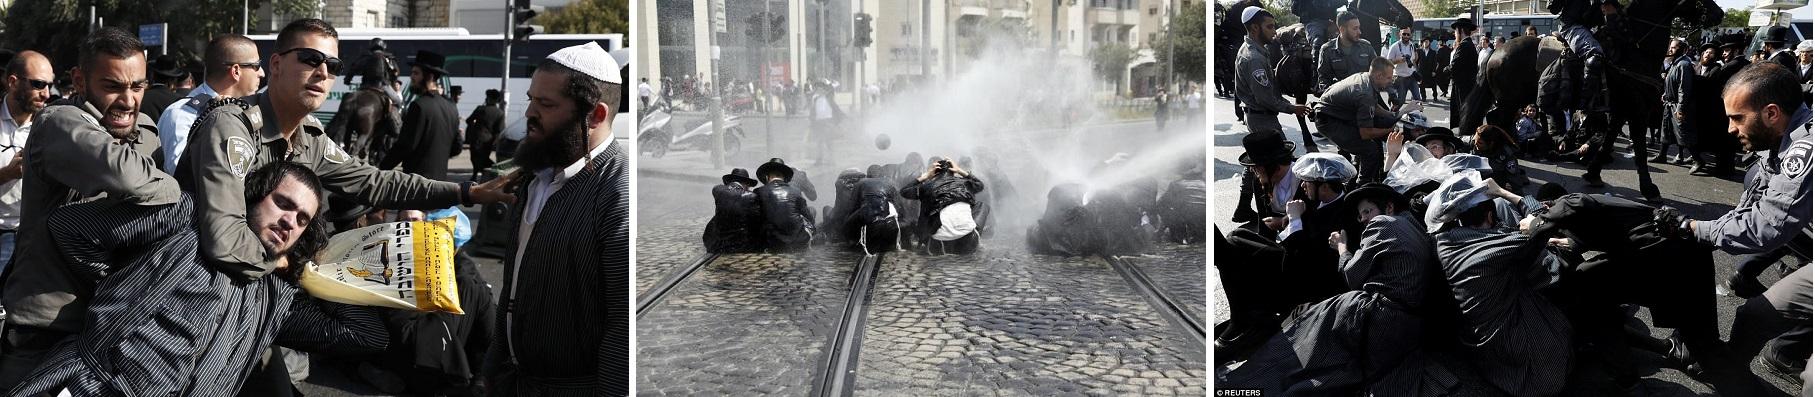 израильская полиция разгоняет ультраортодоксальных вреев